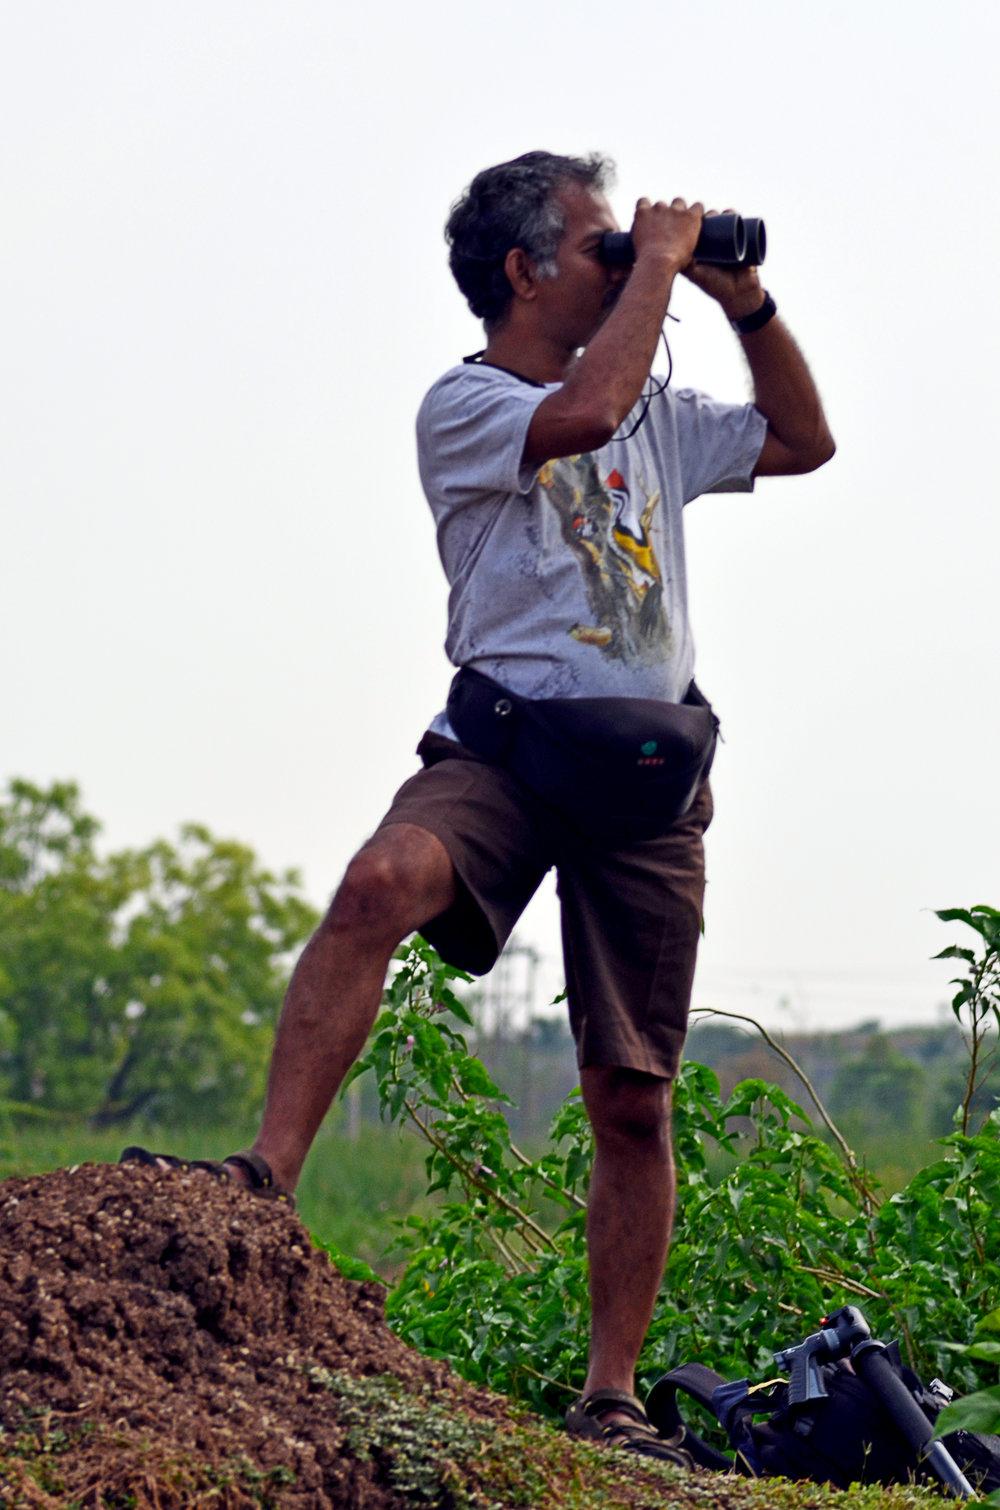 युवराज गुर्जर के अनुसार वाइल्ड लाइफ फ़ोटोग्राफ़ी की तैयारी कम-से-कम छै महीने पहले शुरू हो जाती है